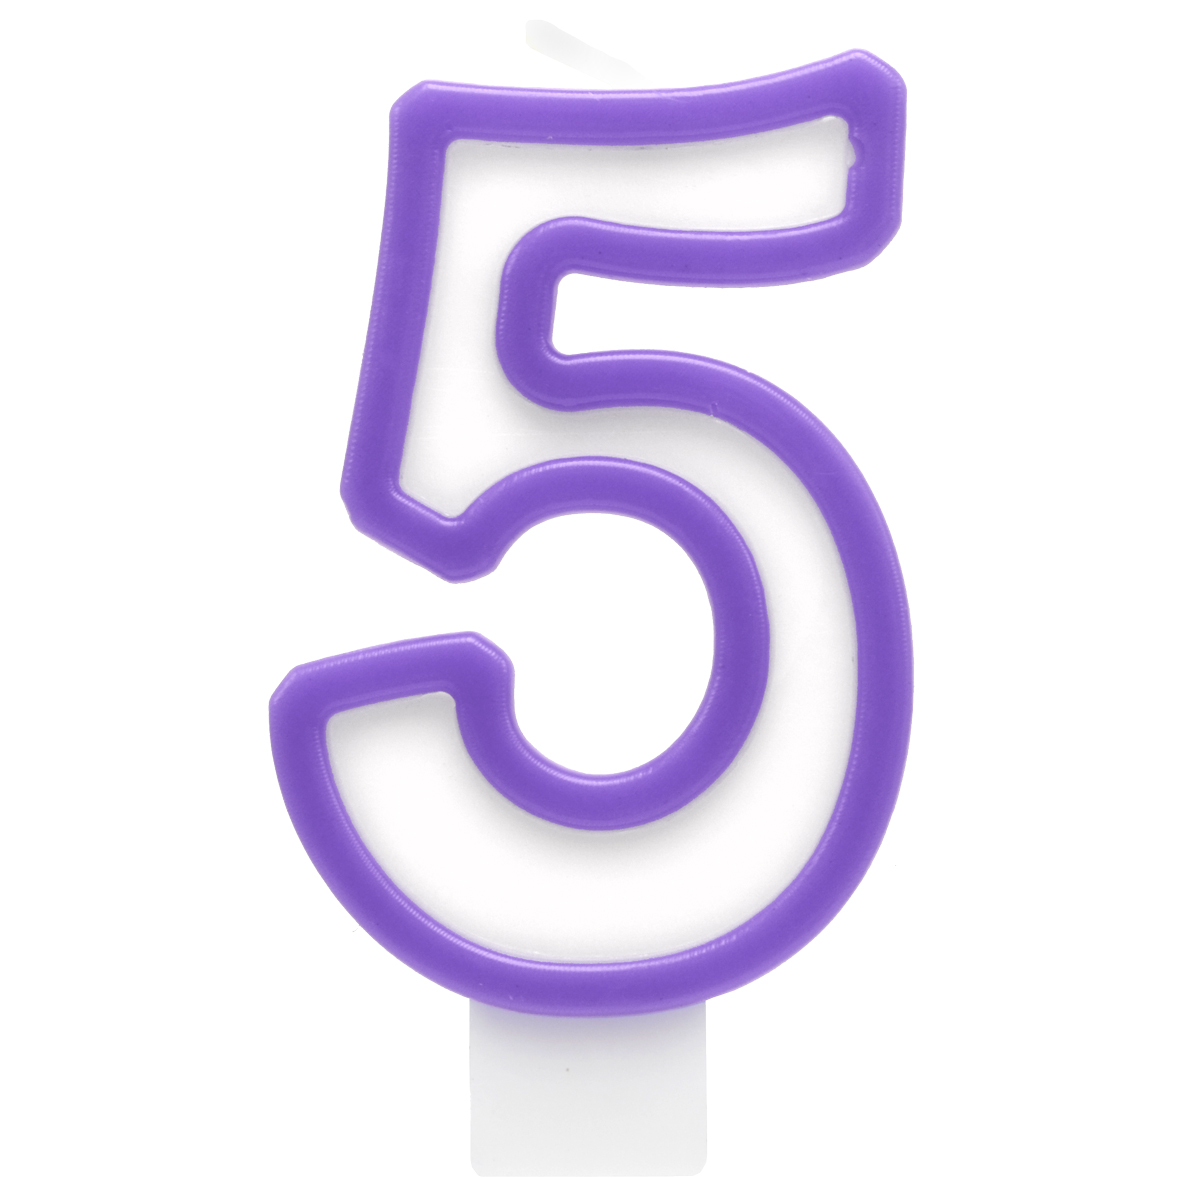 Action! Свеча-цифра для торта 5 лет цвет сиреневый action свеча цифра для торта 6 лет цвет фиолетовый